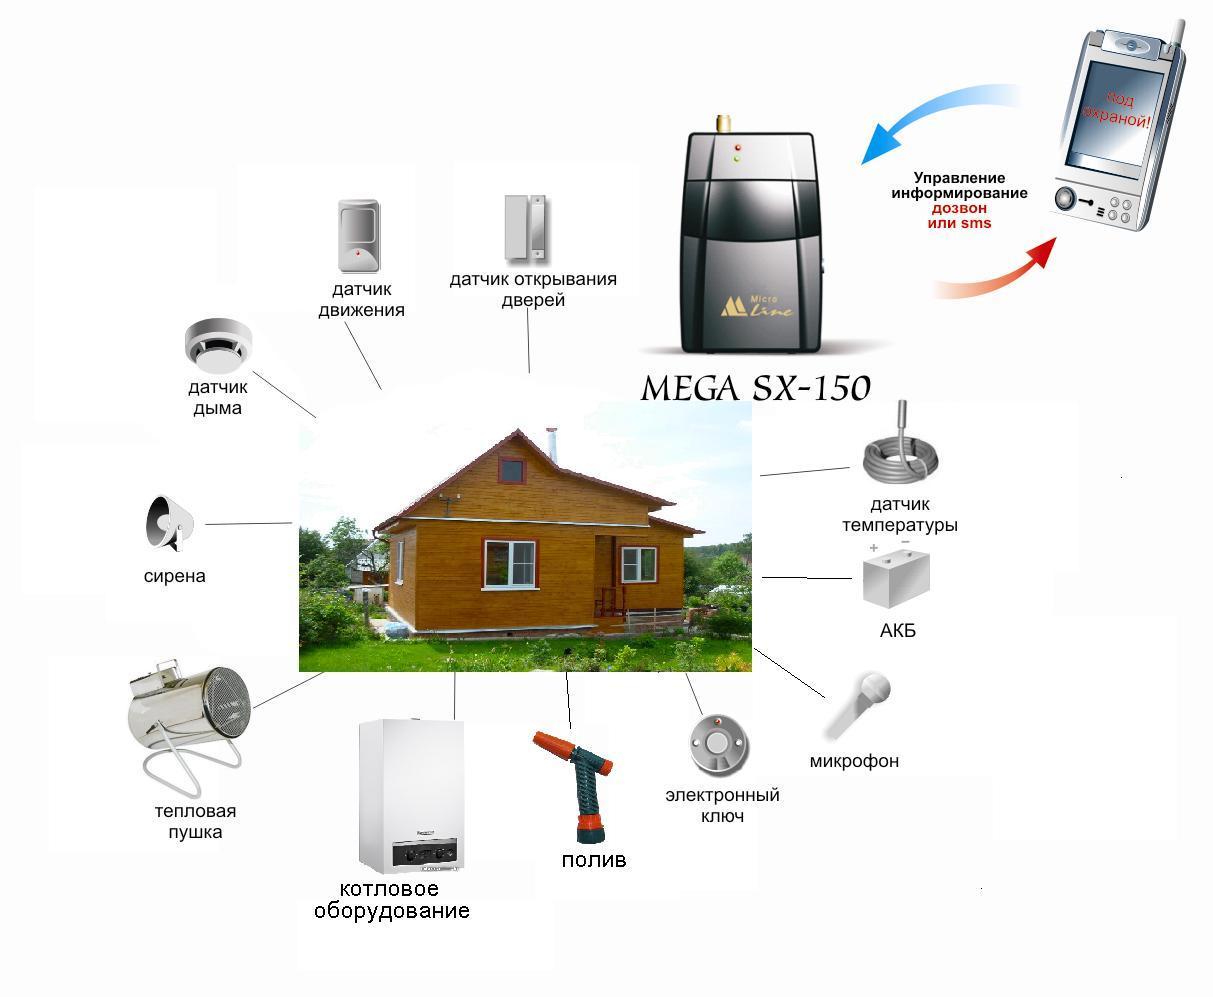 Системы охраны и сигнализации своими руками 1